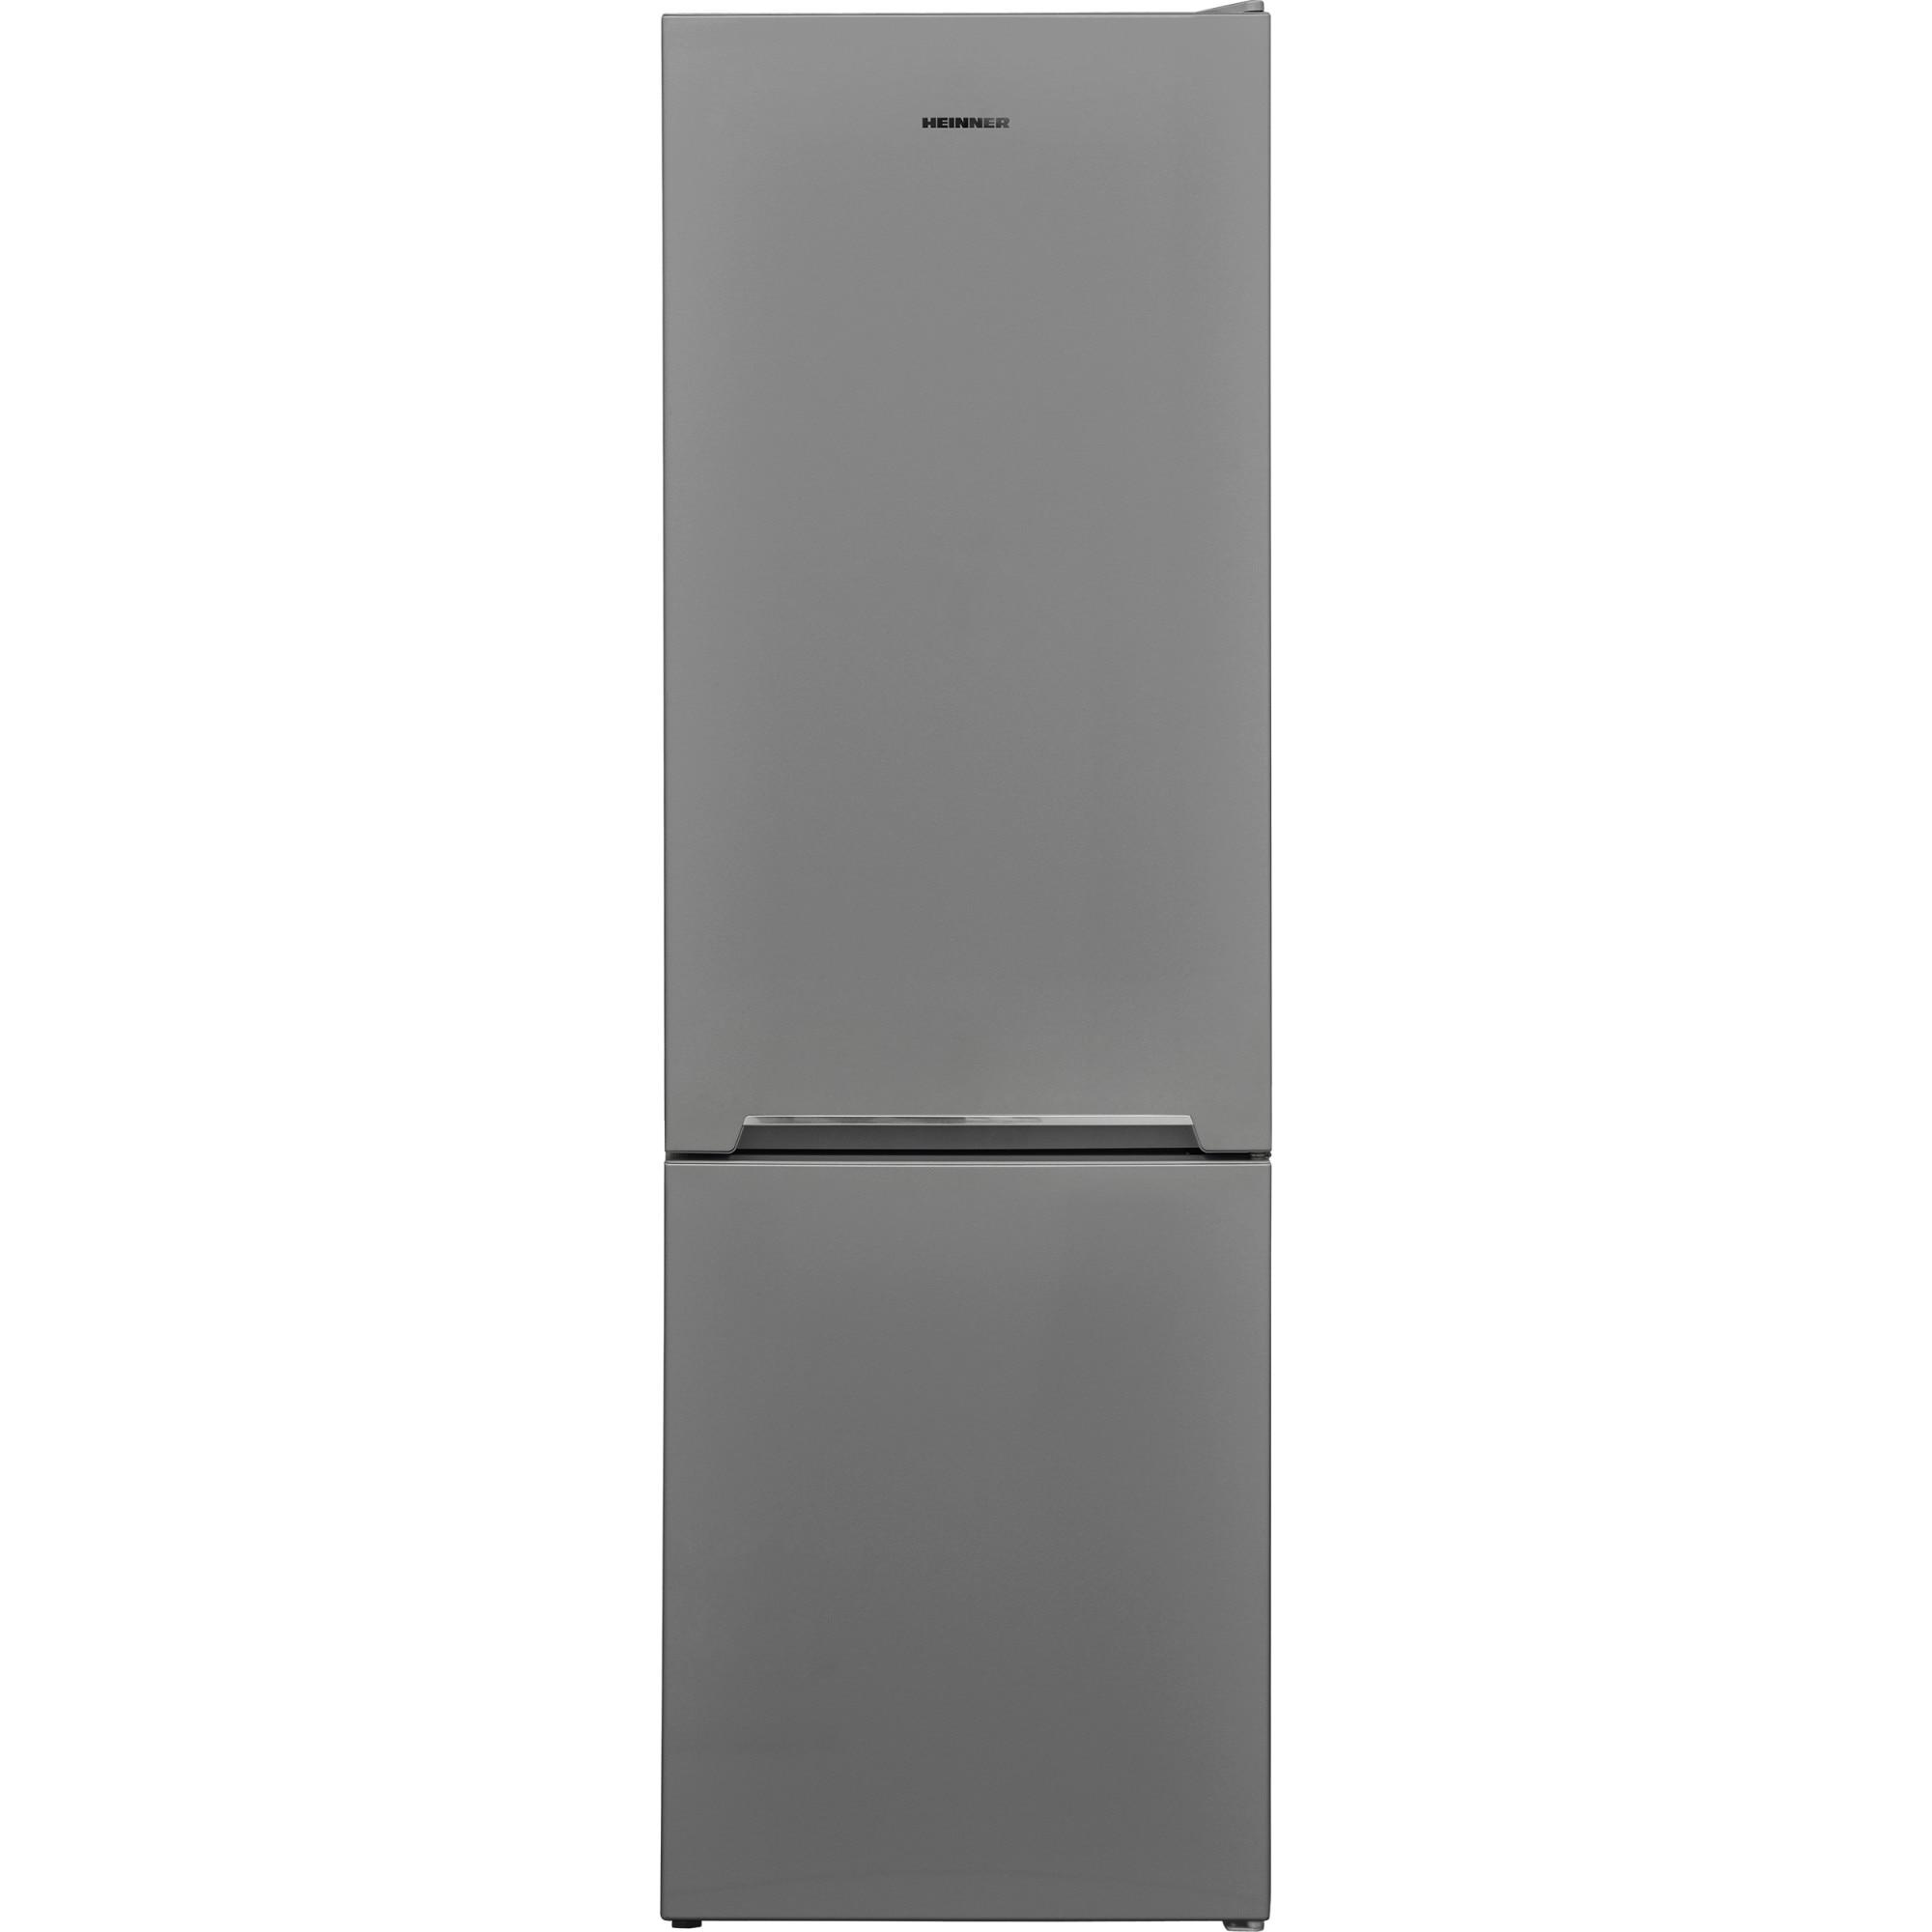 Fotografie Combina frigorifica Heinner HC-V268SA+, 268 l, Clasa A+, Control mecanic, H 170 cm, Argintiu